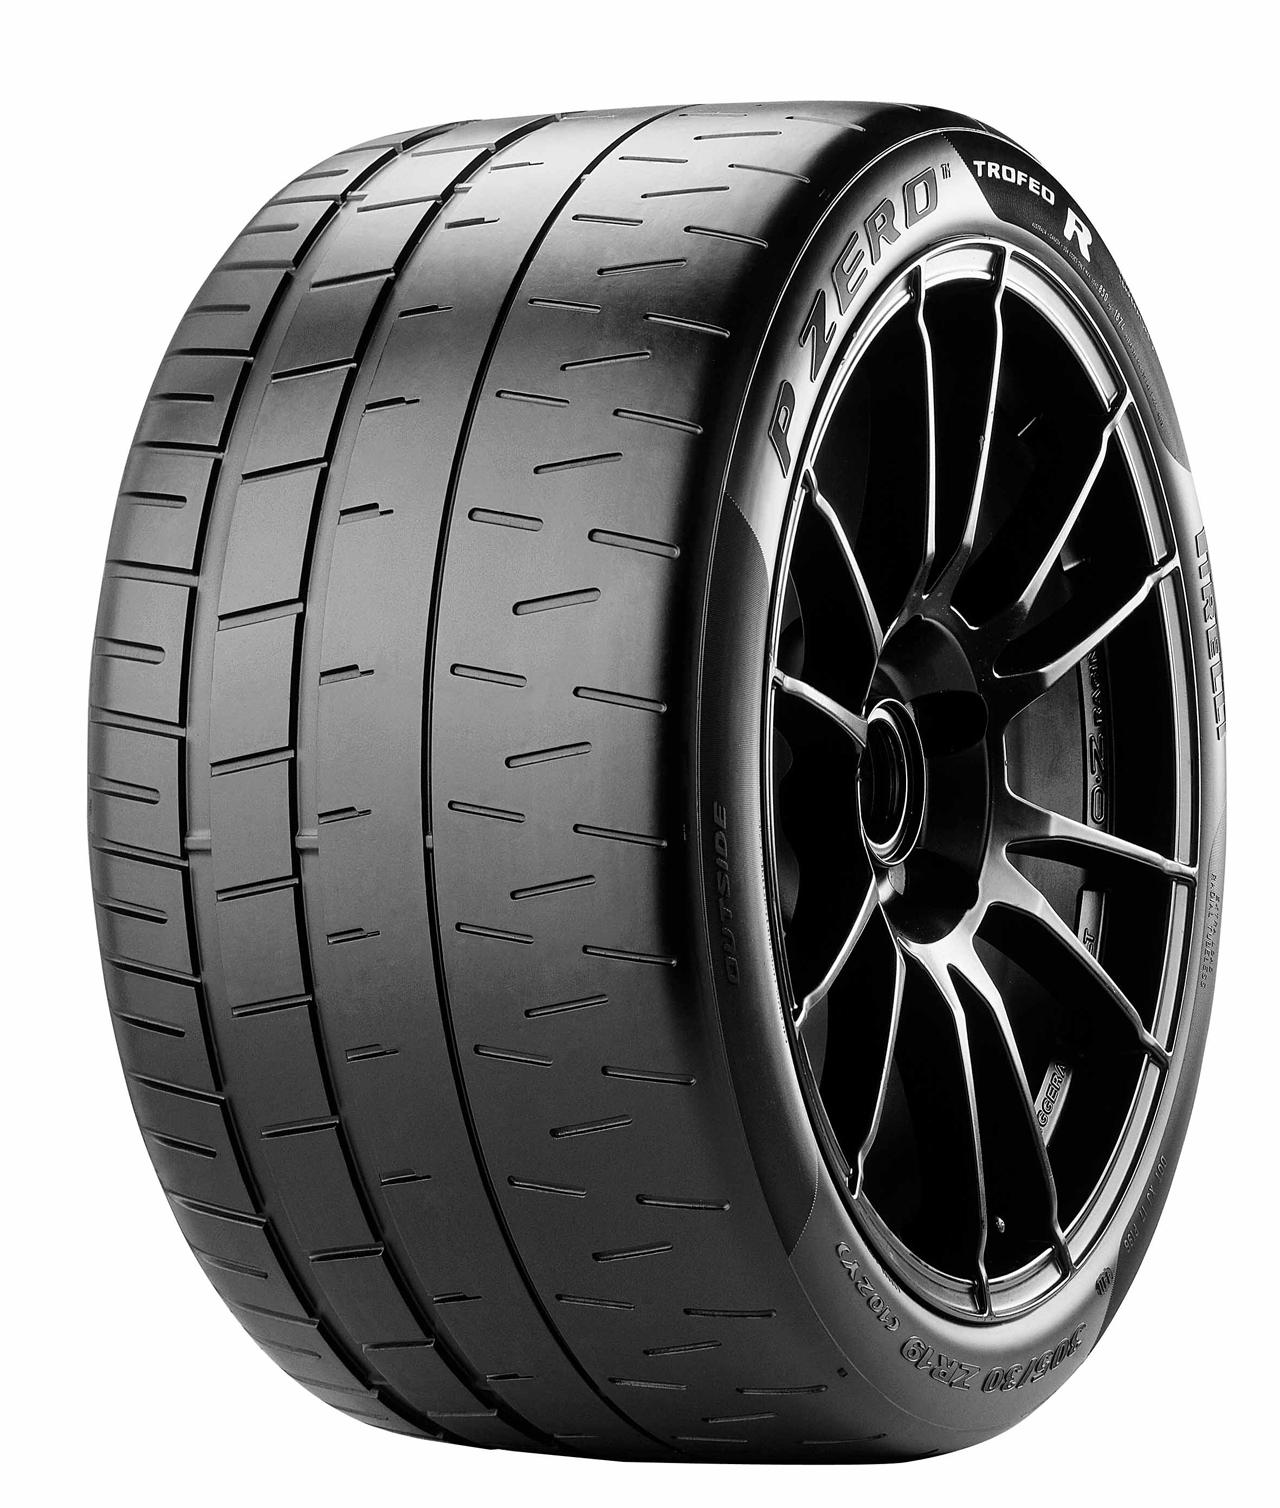 Pirelli-stagione-motorsport-2012